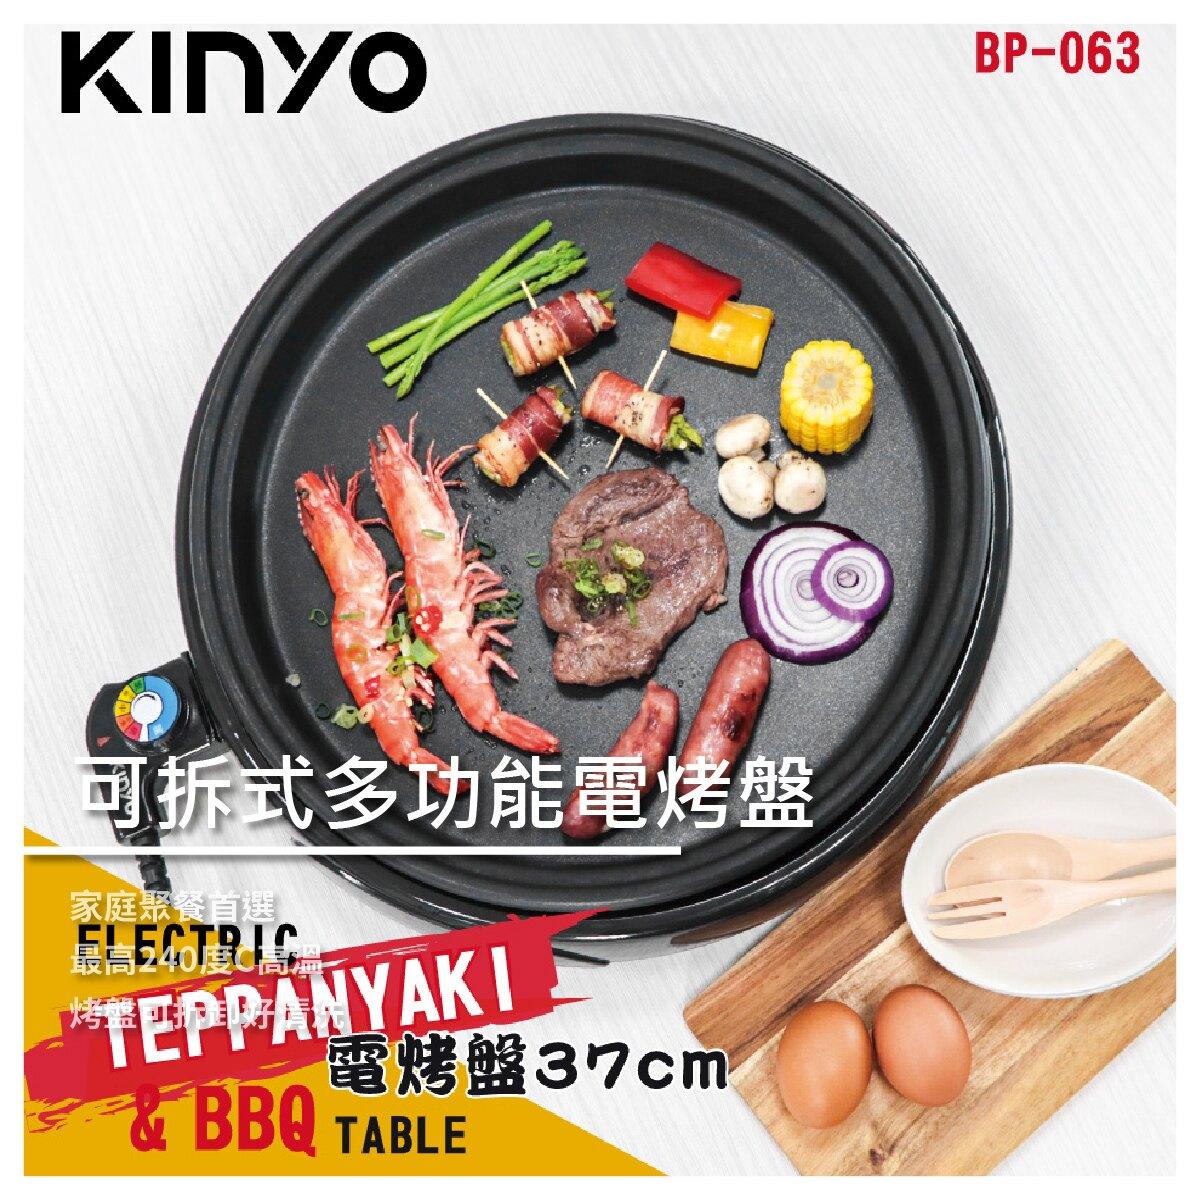 【安南生活百貨】KINYO可拆式多功能BBQ無敵電烤盤 BP-063